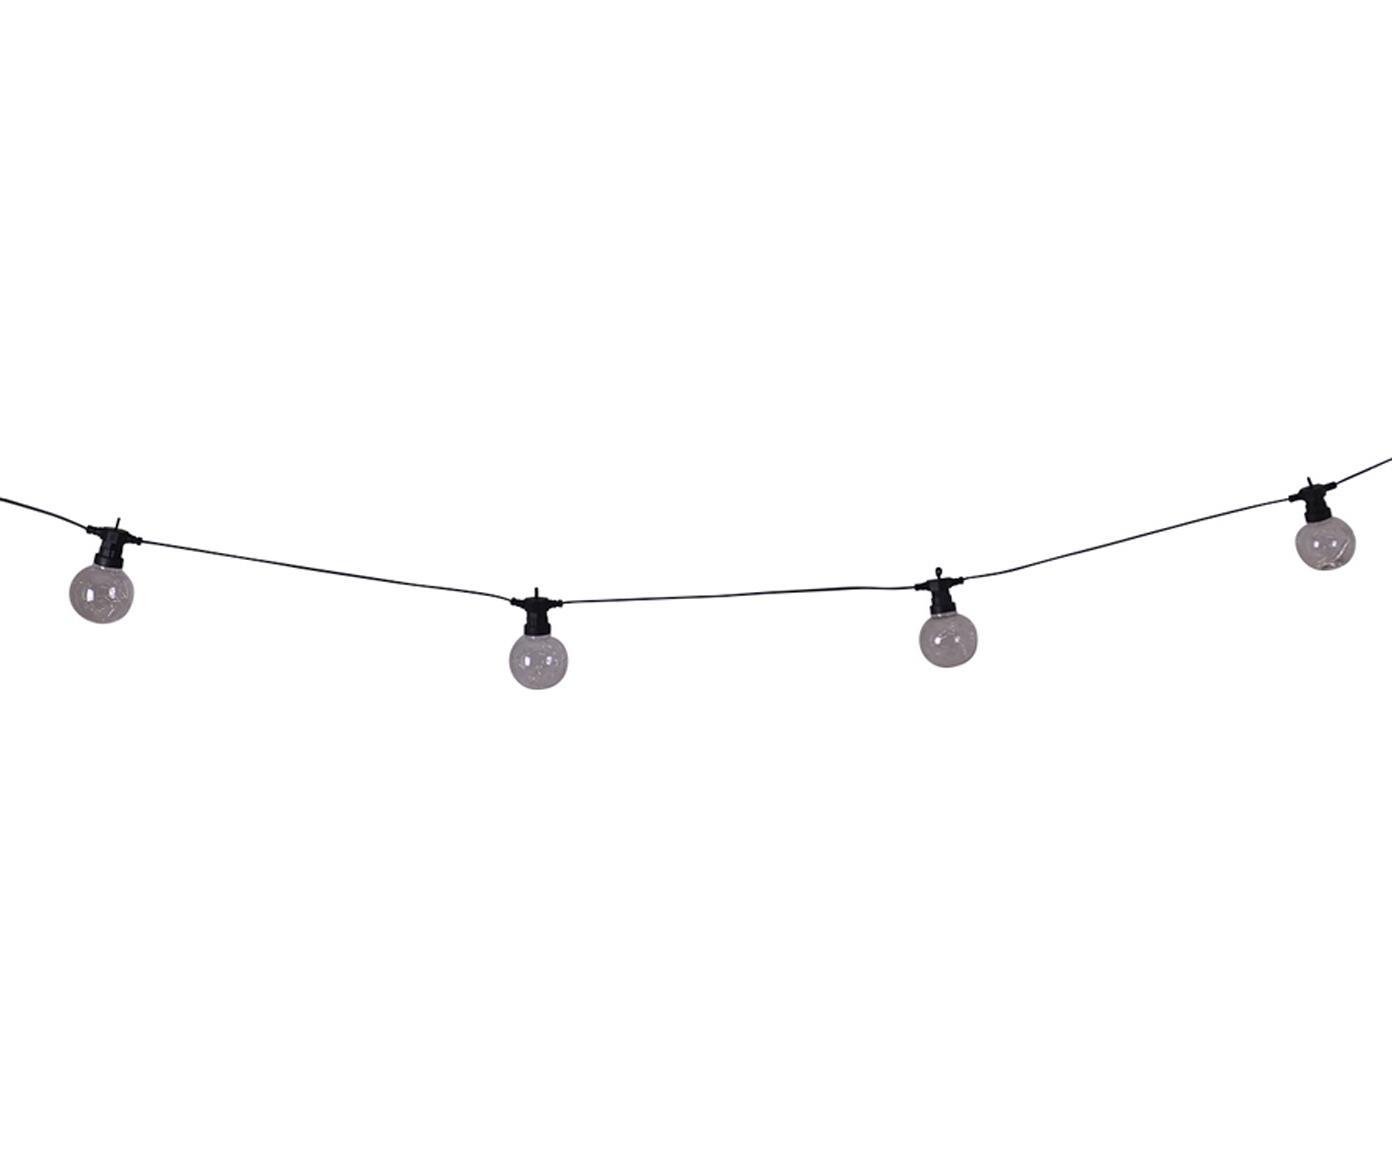 LED lichtslinger Crackle Chain, Kunststof, Transparant, L 750 cm